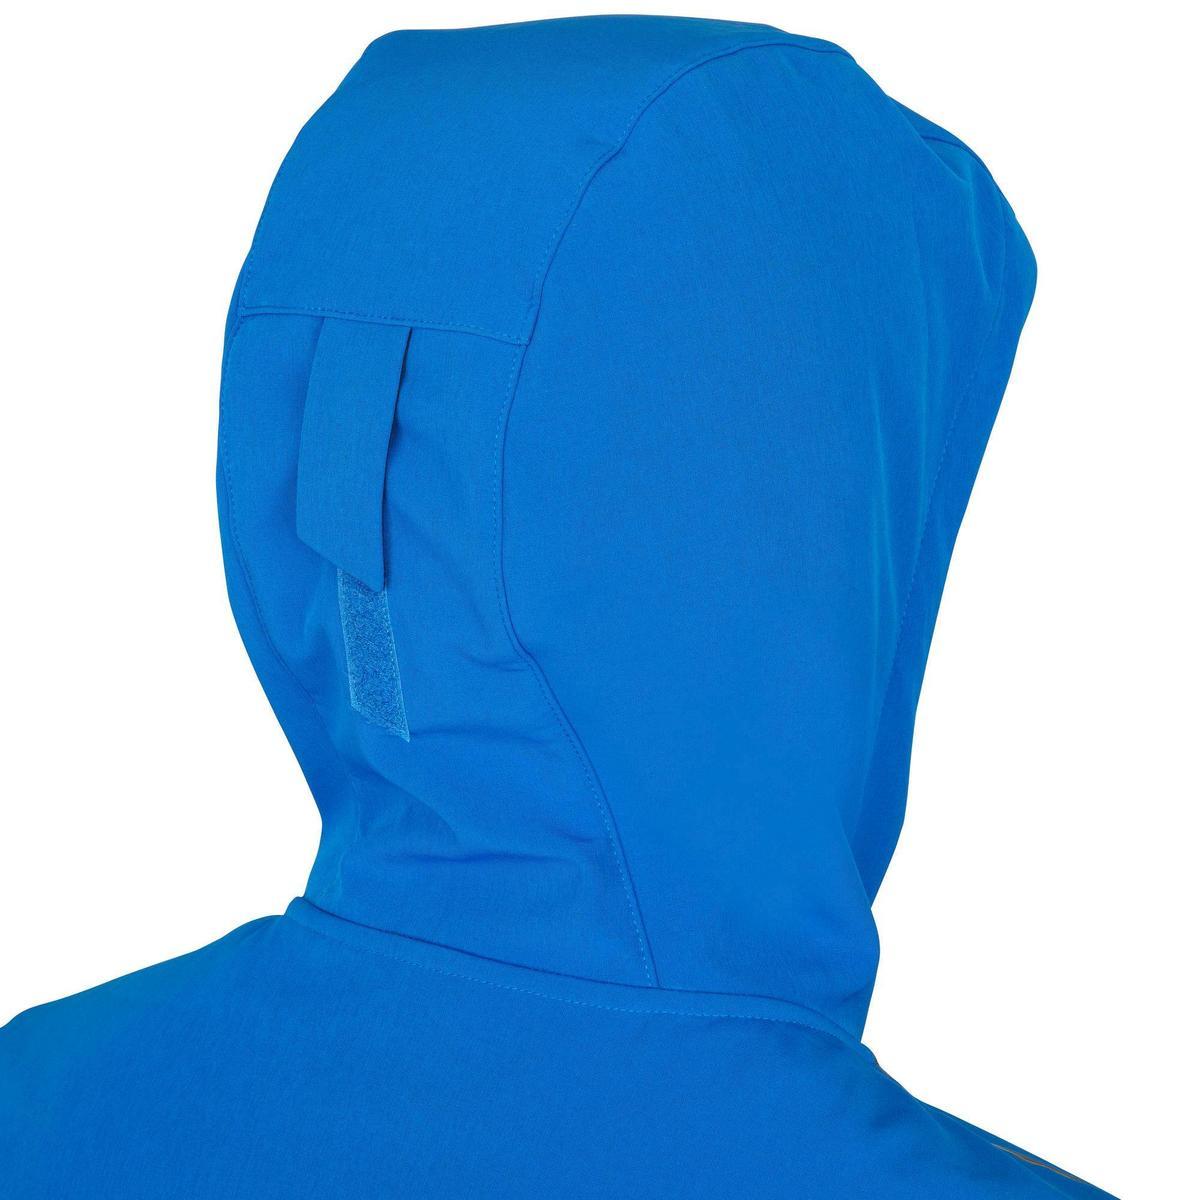 Bild 5 von Softshelljacke Segeln Regatta Race Herren leuchtendblau